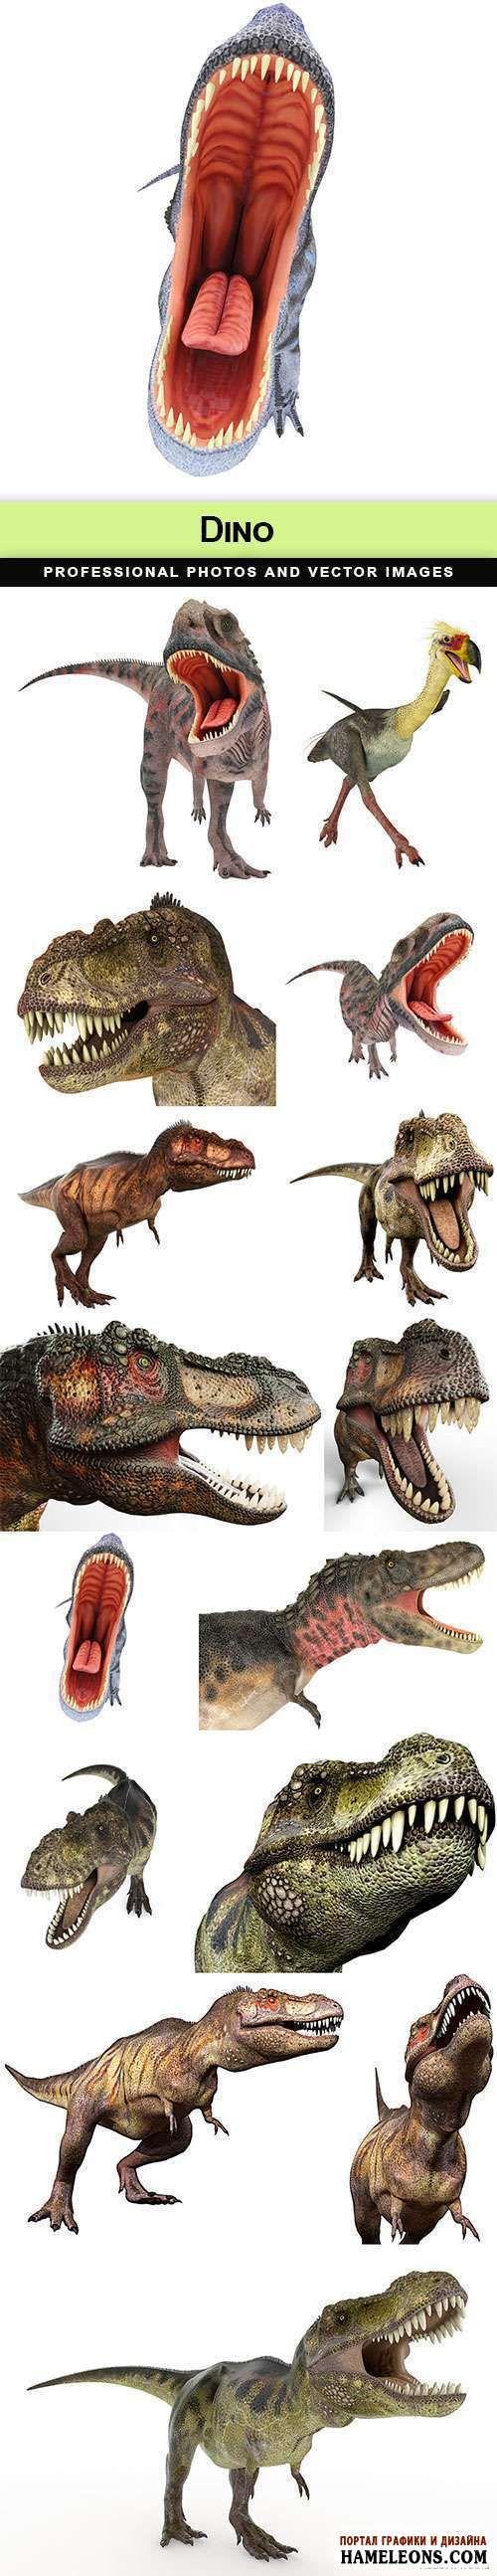 В растре на белом фоне страшные и ужасные животные динозавры | Dino